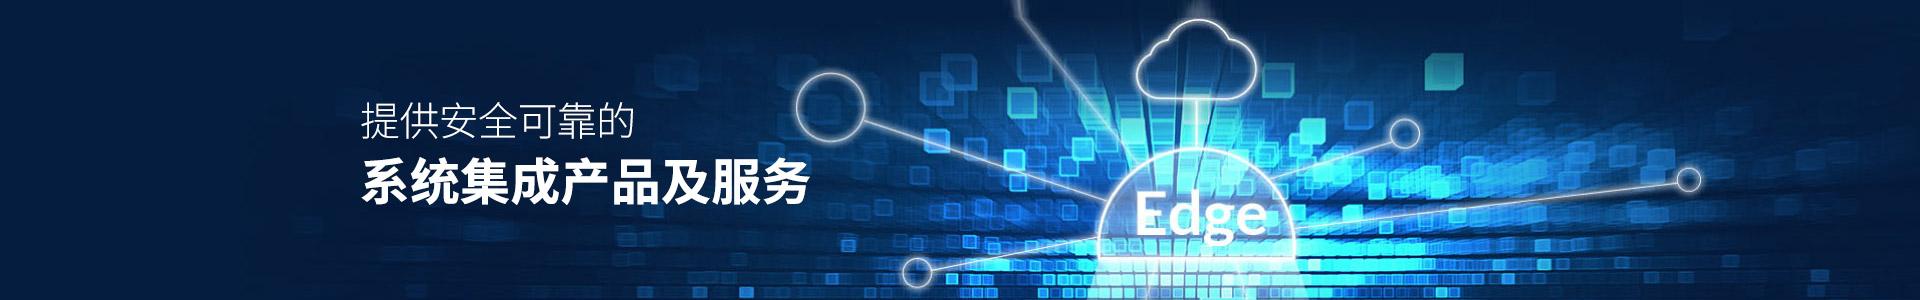 联乐实业-提供安全可靠的系统集成产品及服务